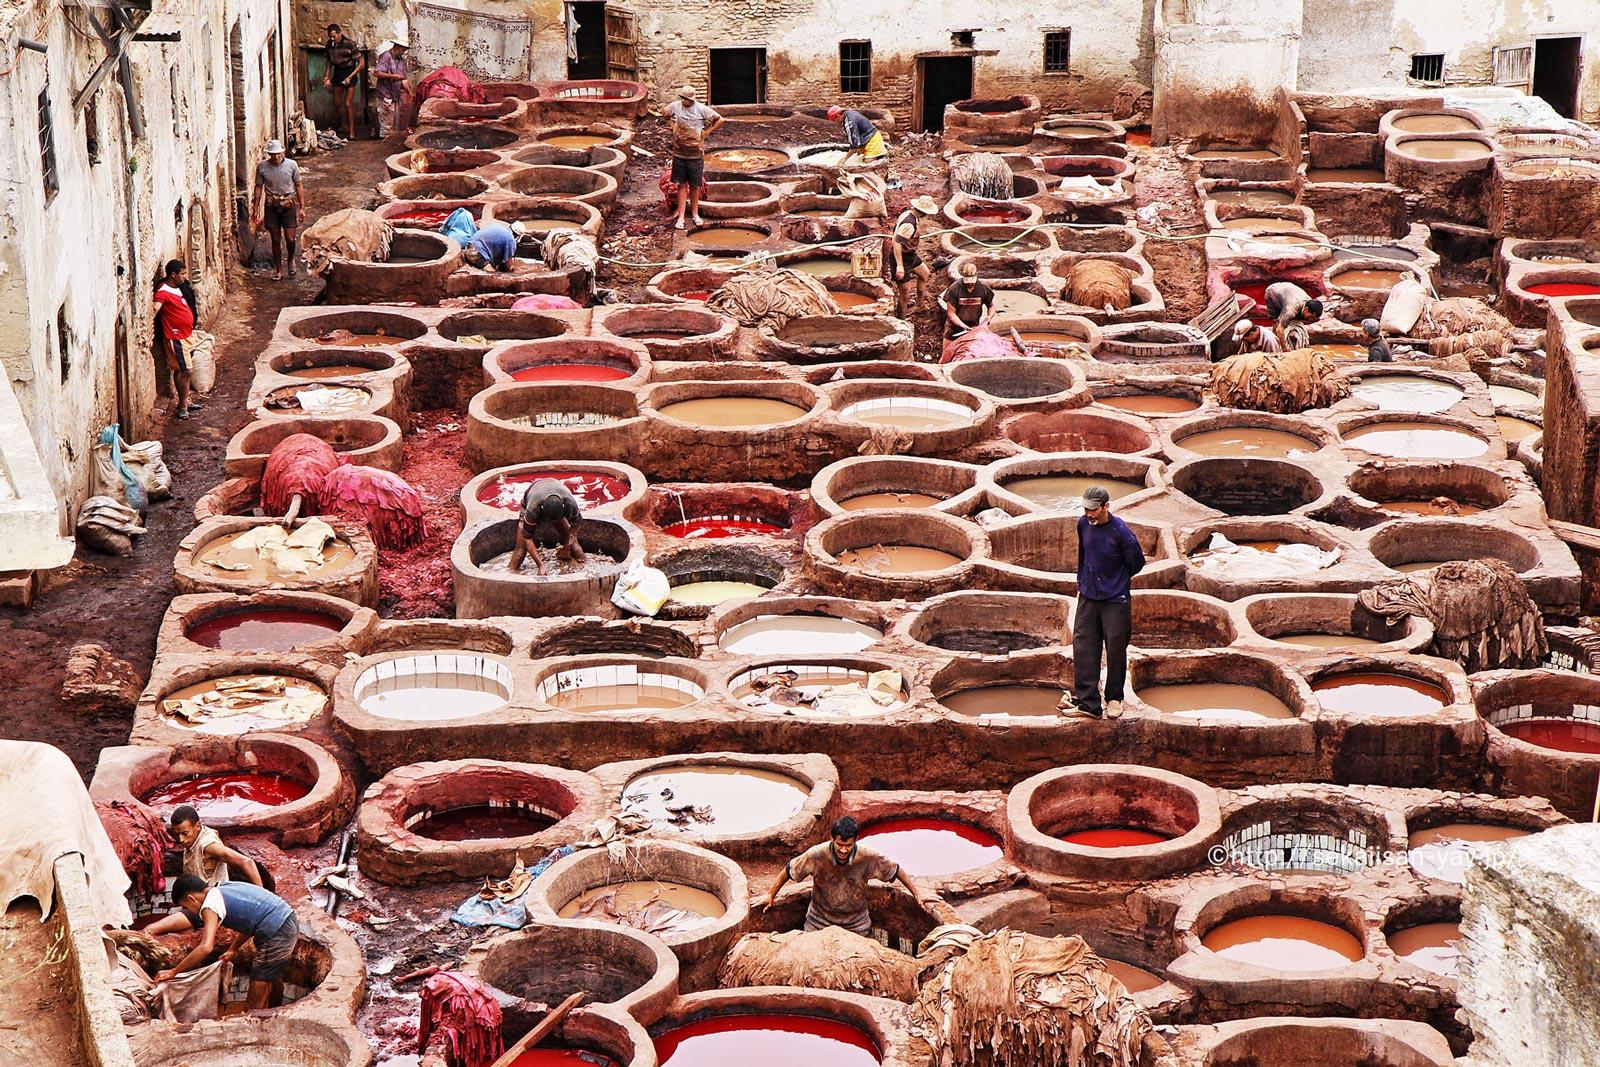 モロッコ「フェス旧市街」タンネリ(皮なめし工場)